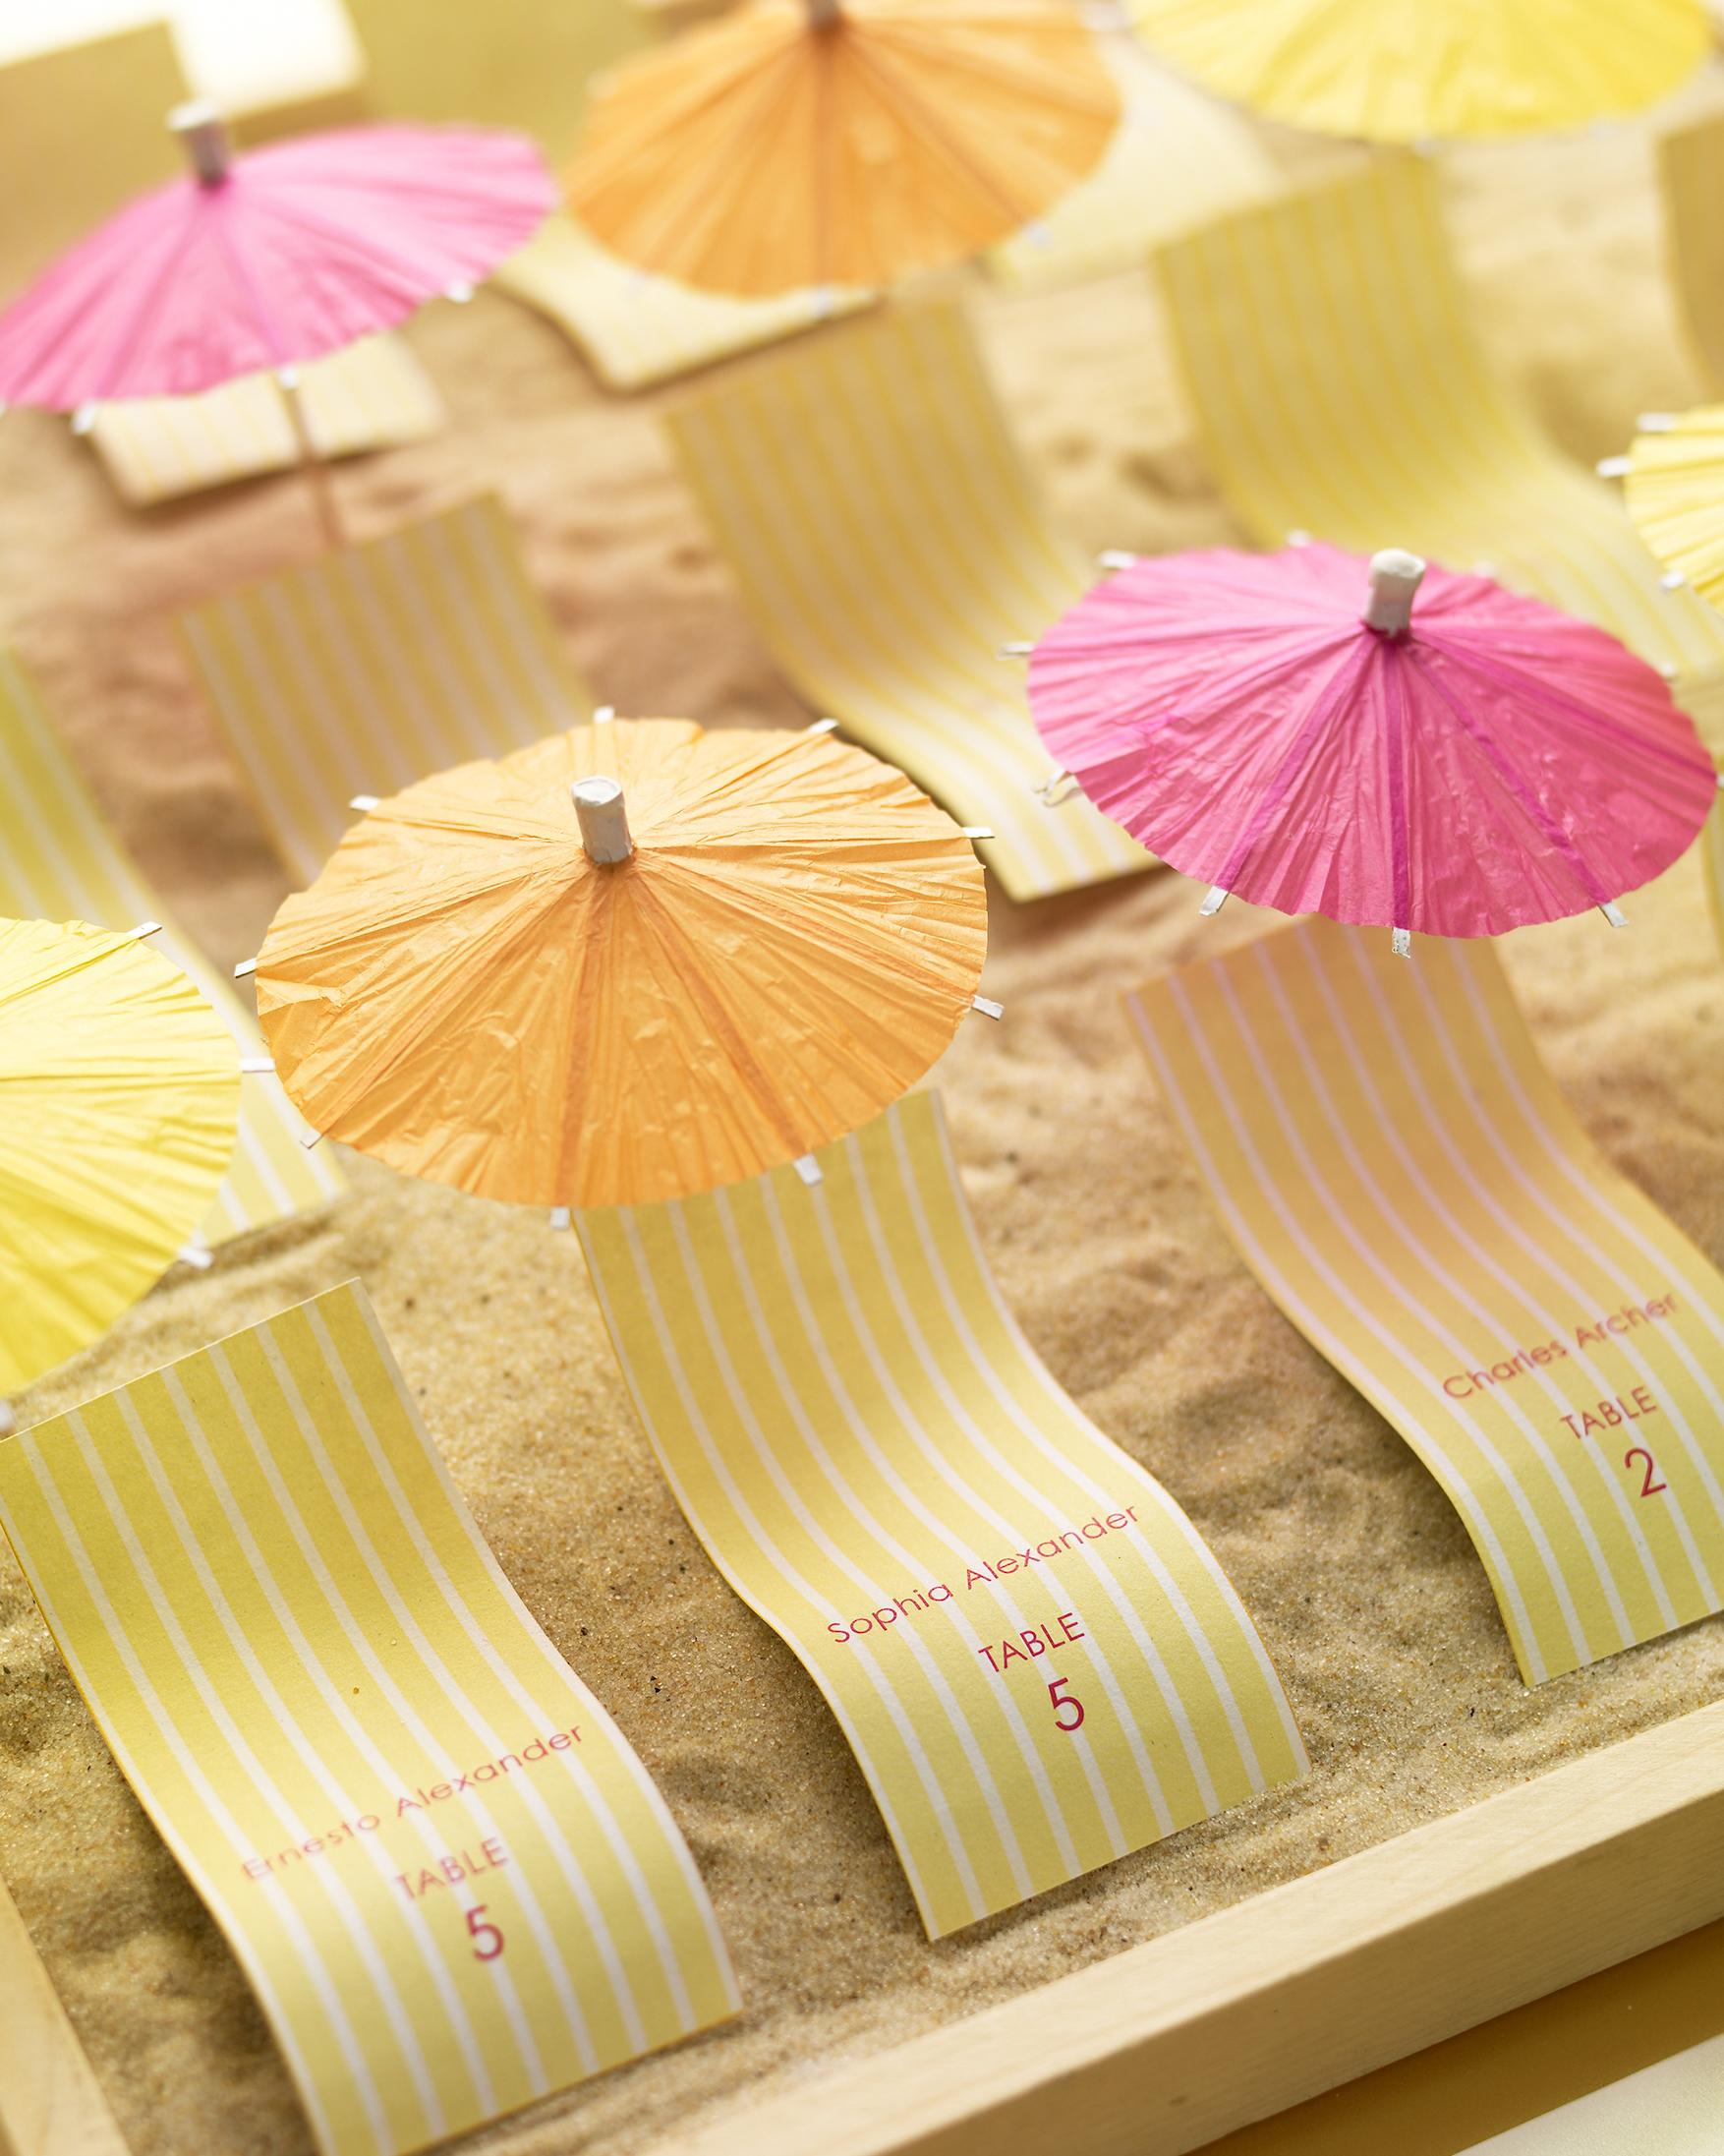 beach-escort-cards-beach-chairs-umbrellas-travel09-0615.jpg